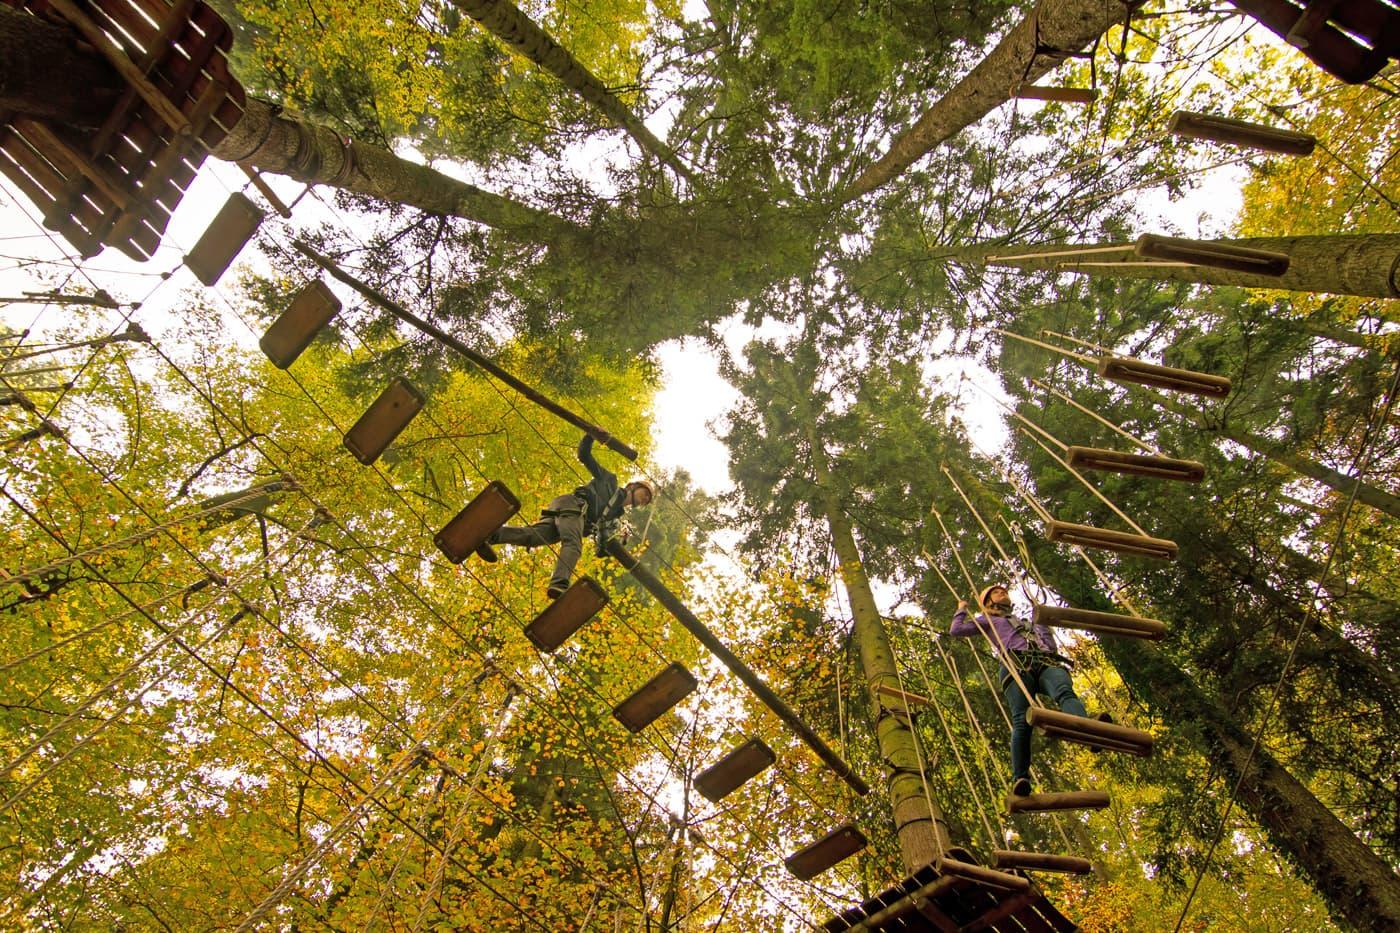 Ausflugstipp mit Kindern: Münchner Wald, Kletterwald Vaterstetten // HIMBEER